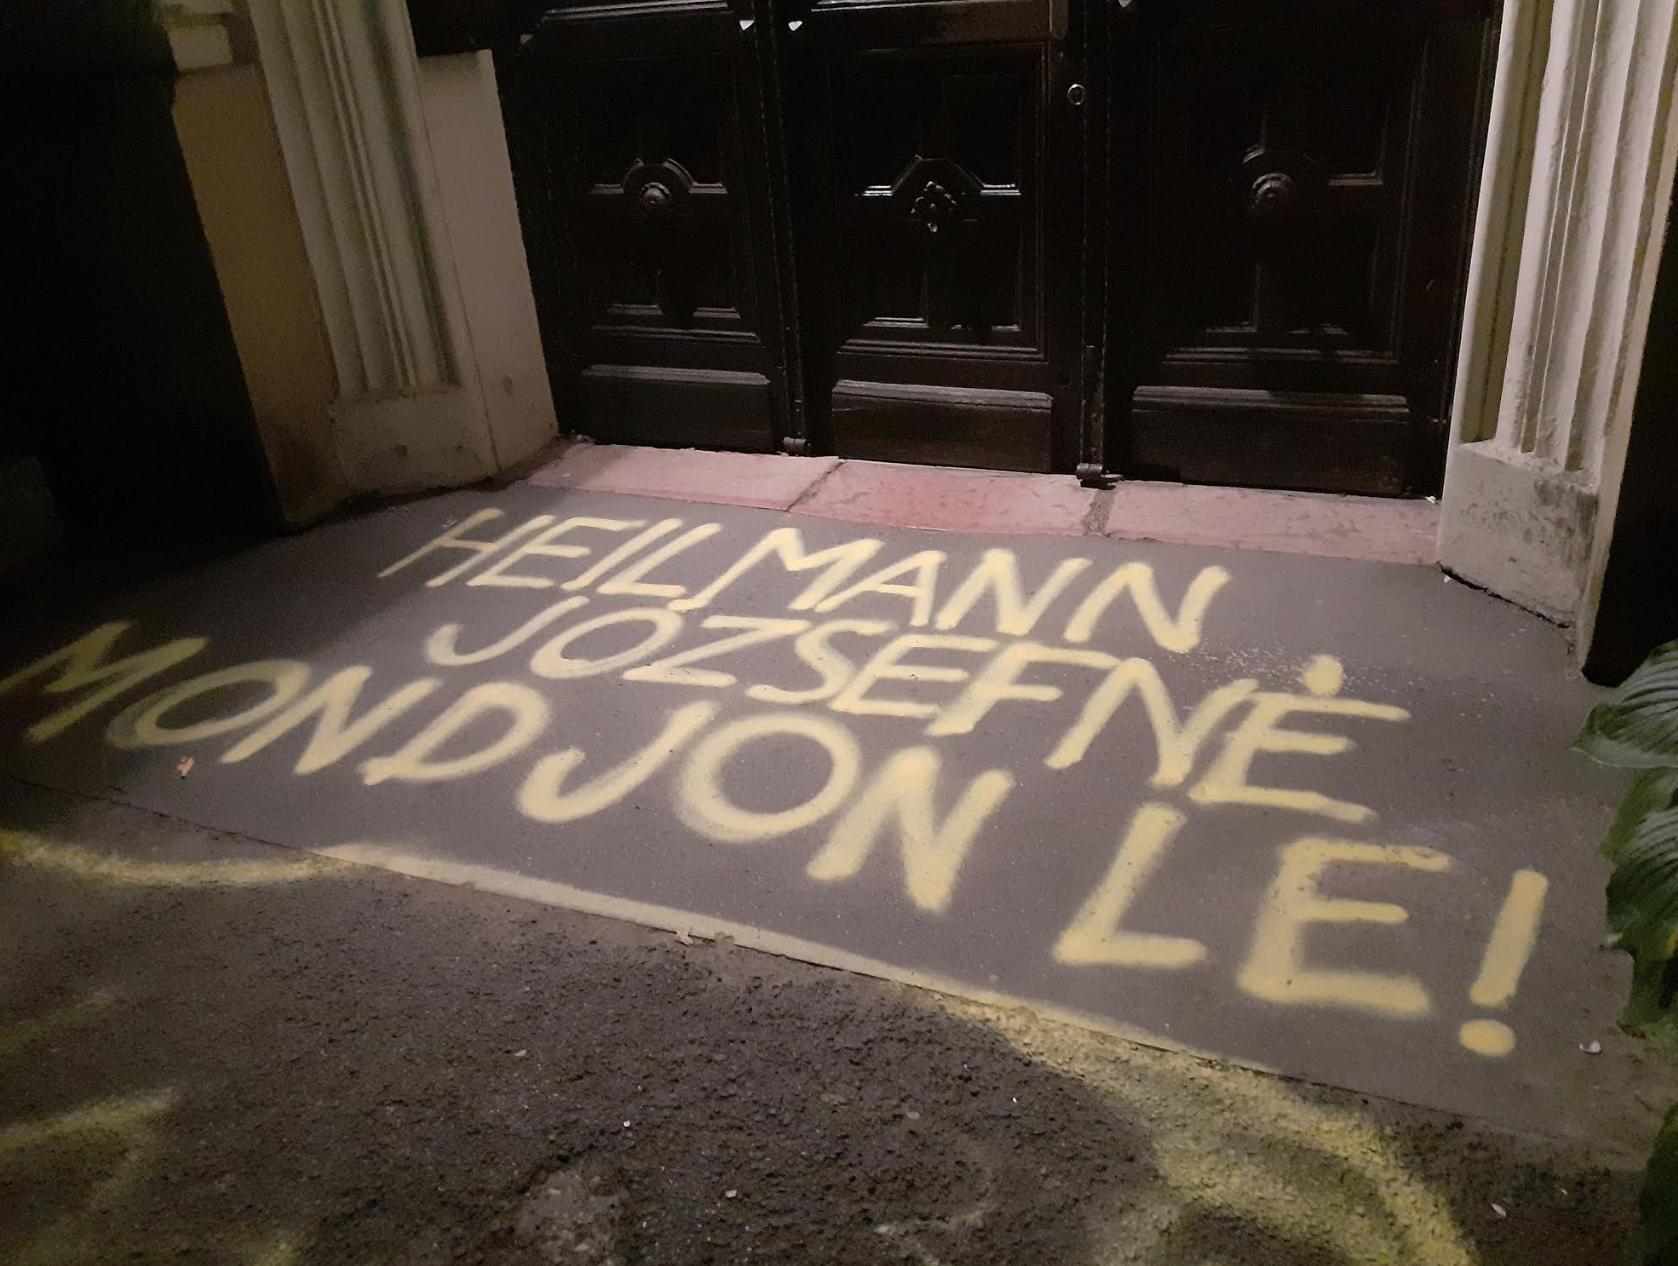 Lemondató üzenet várja a bejáratnál a saját diákja ellen hadjáratot folytató szekszárdi gimnázium igazgatóját